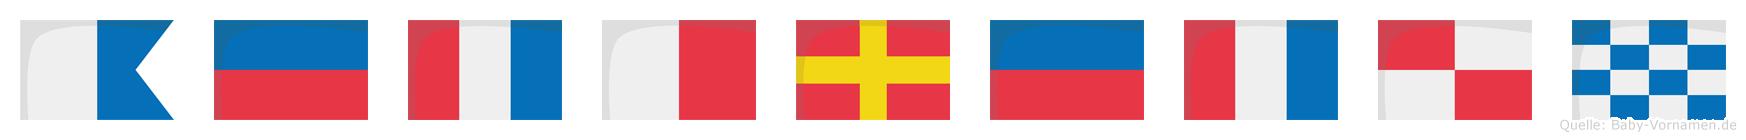 Aethretun im Flaggenalphabet